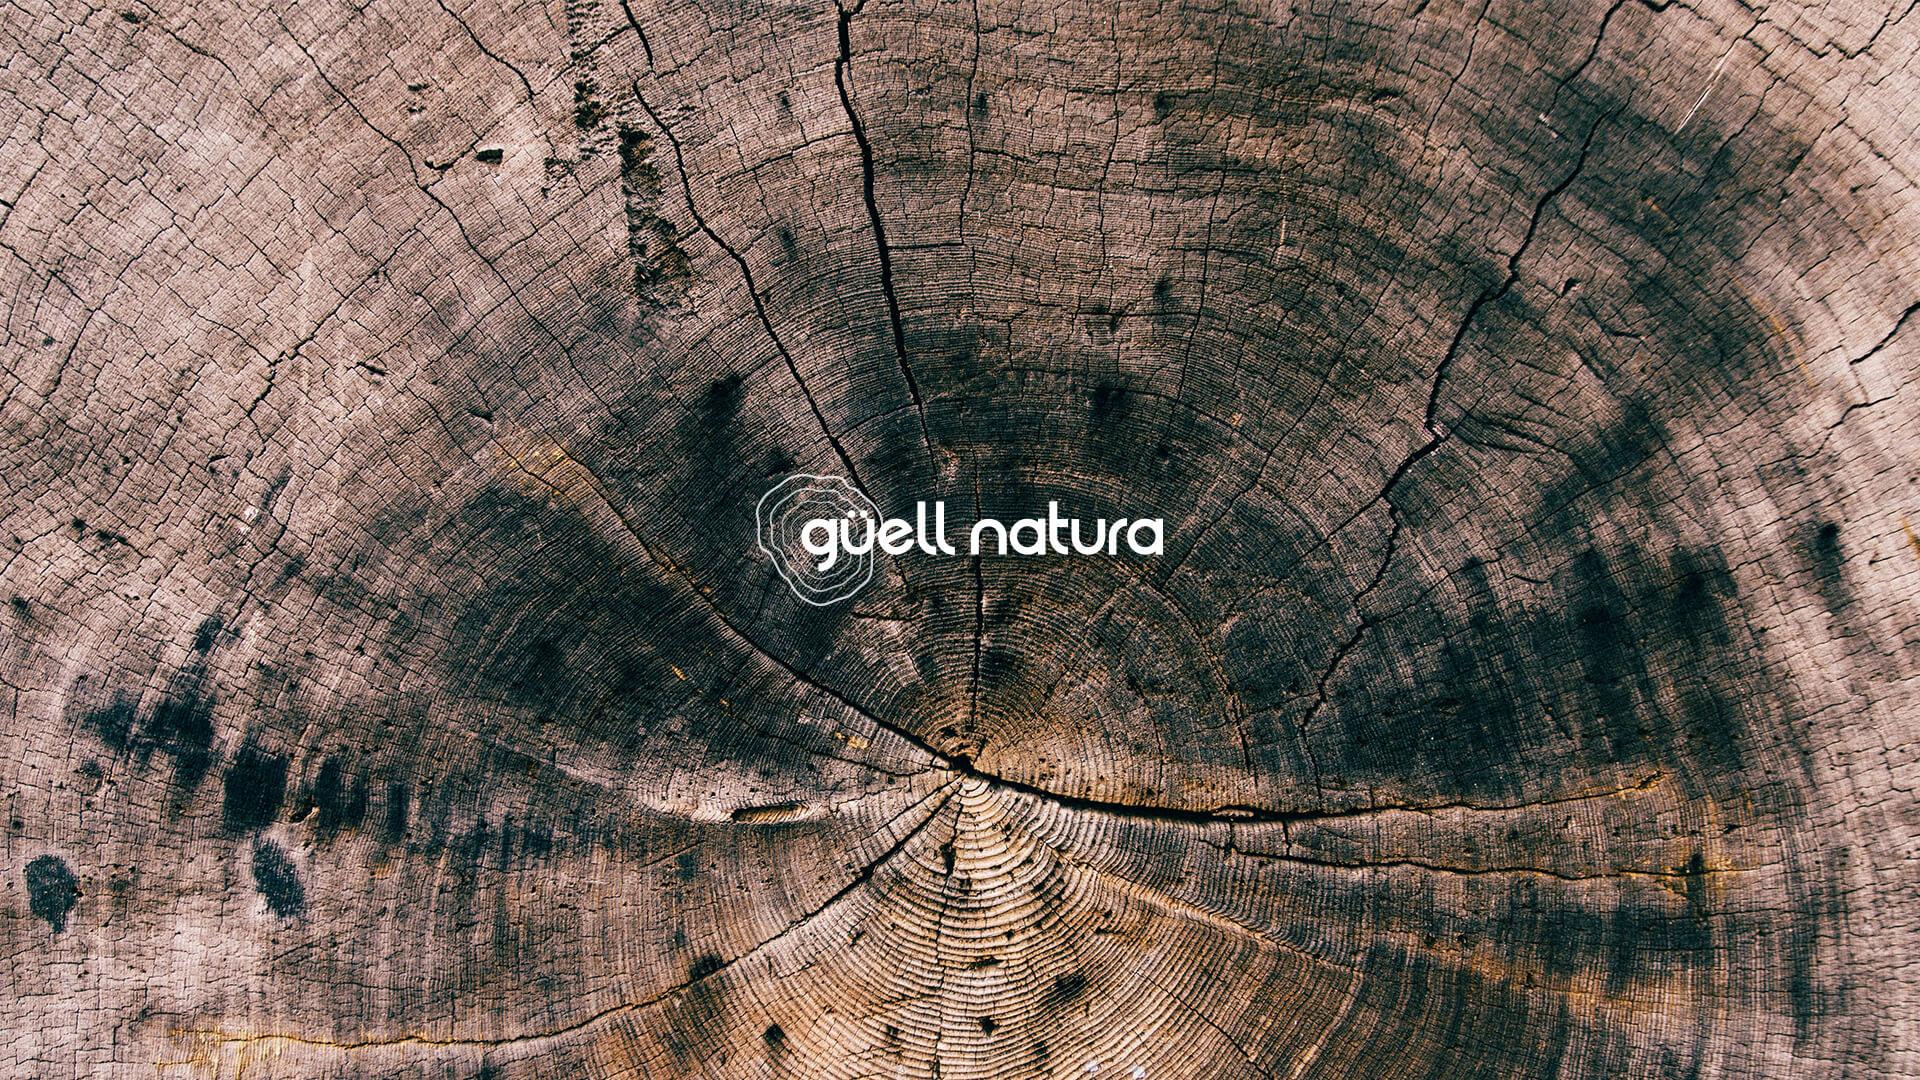 Proyecto de branding: Aplicación del logo Güell Natura